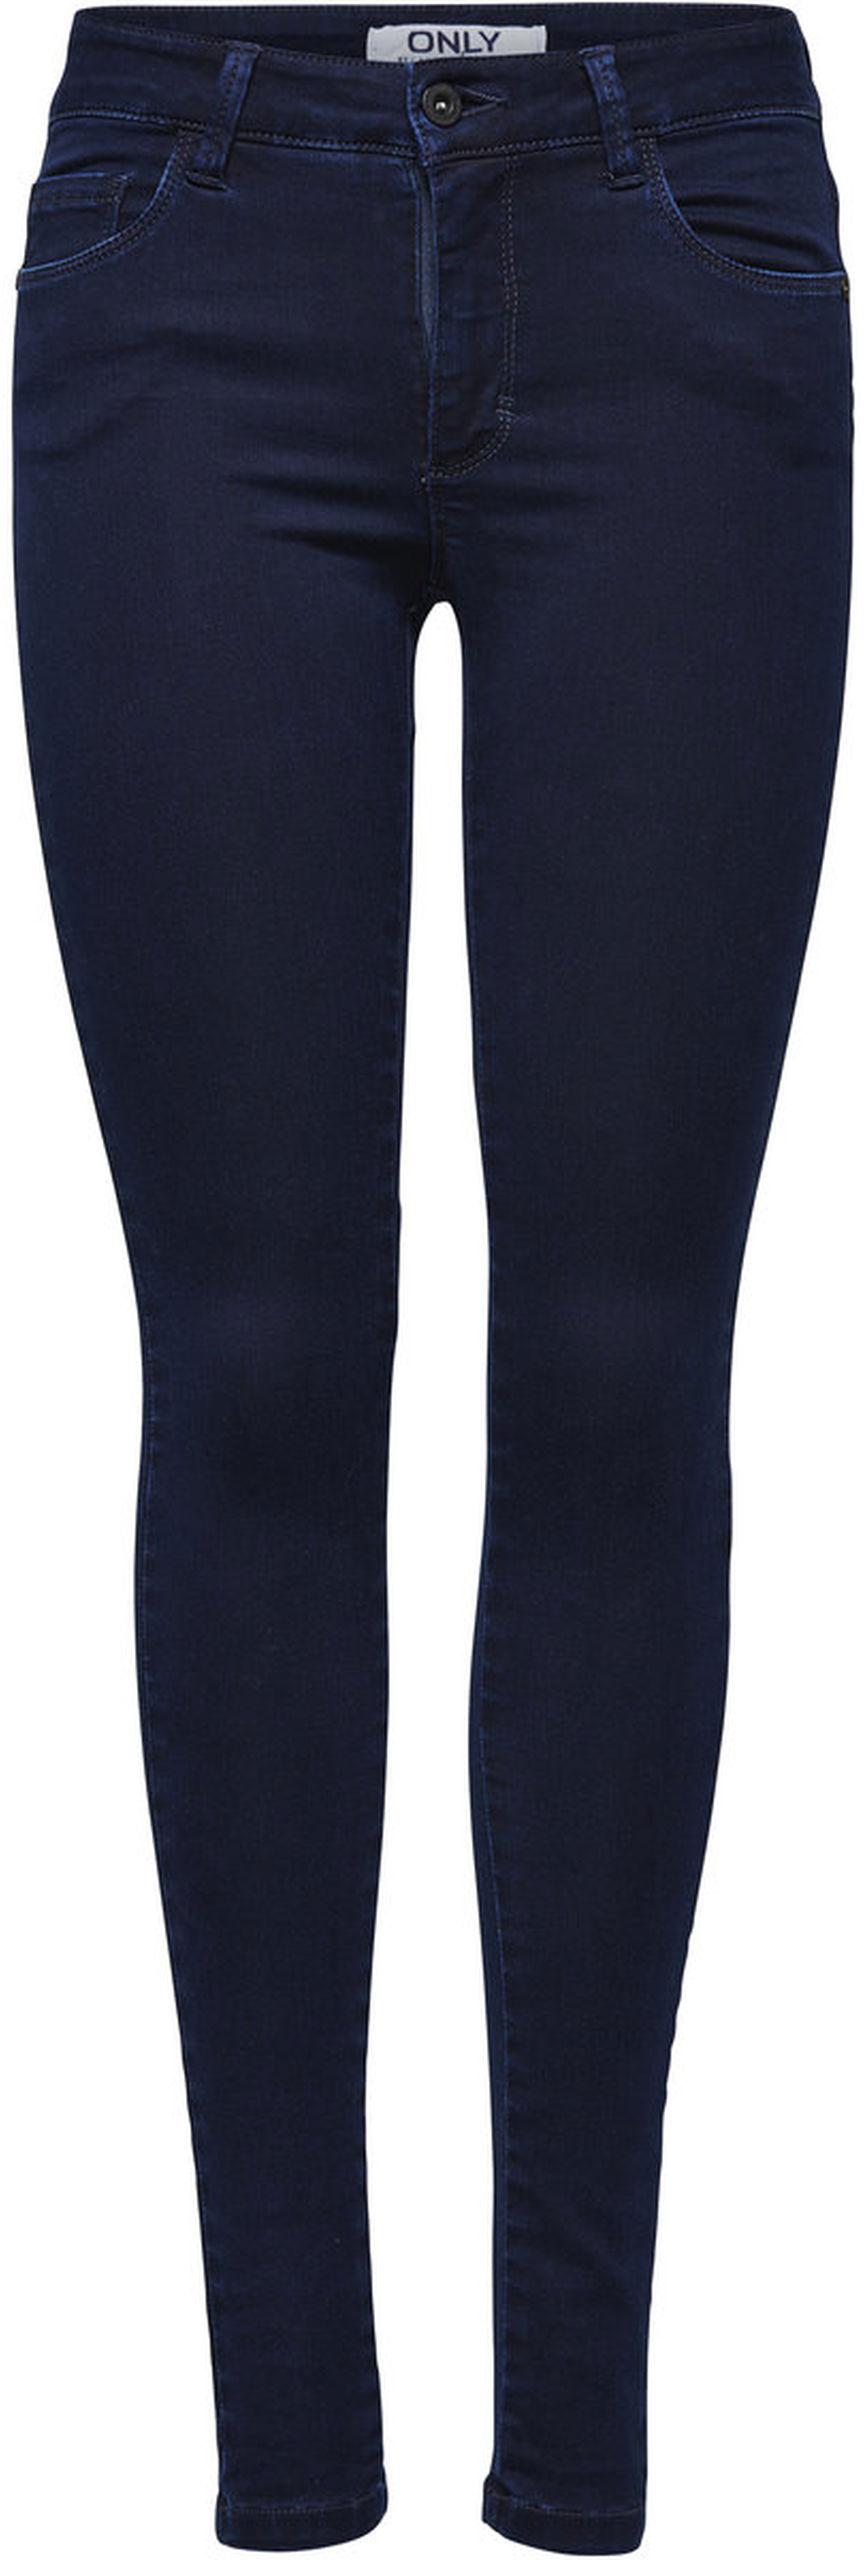 Джинсы женские Only, цвет: темно-синий. 15092651_Dark Blue Denim. Размер M-32 (46-32)15092651_Dark Blue DenimСтильные женские джинсы Only выполнены из хлопка с добавлением полиэстера и эластана. Материал мягкий и приятный на ощупь, не сковывает движения и дарит комфорт. Джинсы-скинни с заниженной посадкой застегиваются на пуговицу в поясе и ширинку на застежке-молнии. На поясе предусмотрены шлевки для ремня. Спереди модель дополнена двумя втачными карманами и одним накладным кармашком, сзади - двумя накладными карманами. Модель оформлена контрастной прострочкой.